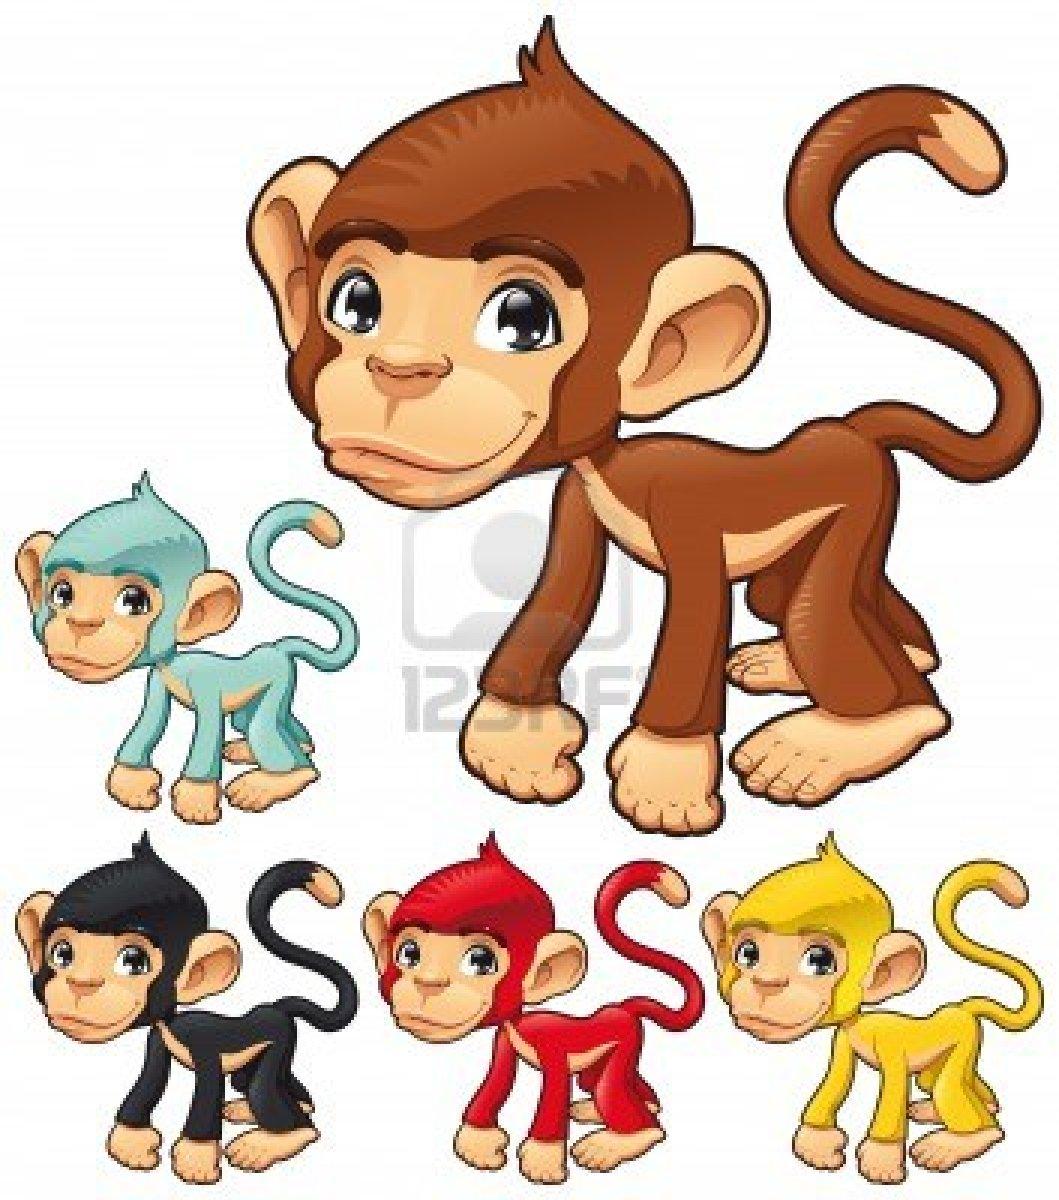 Dessins en couleurs imprimer singe num ro 108787 - Animaux a imprimer en couleur ...